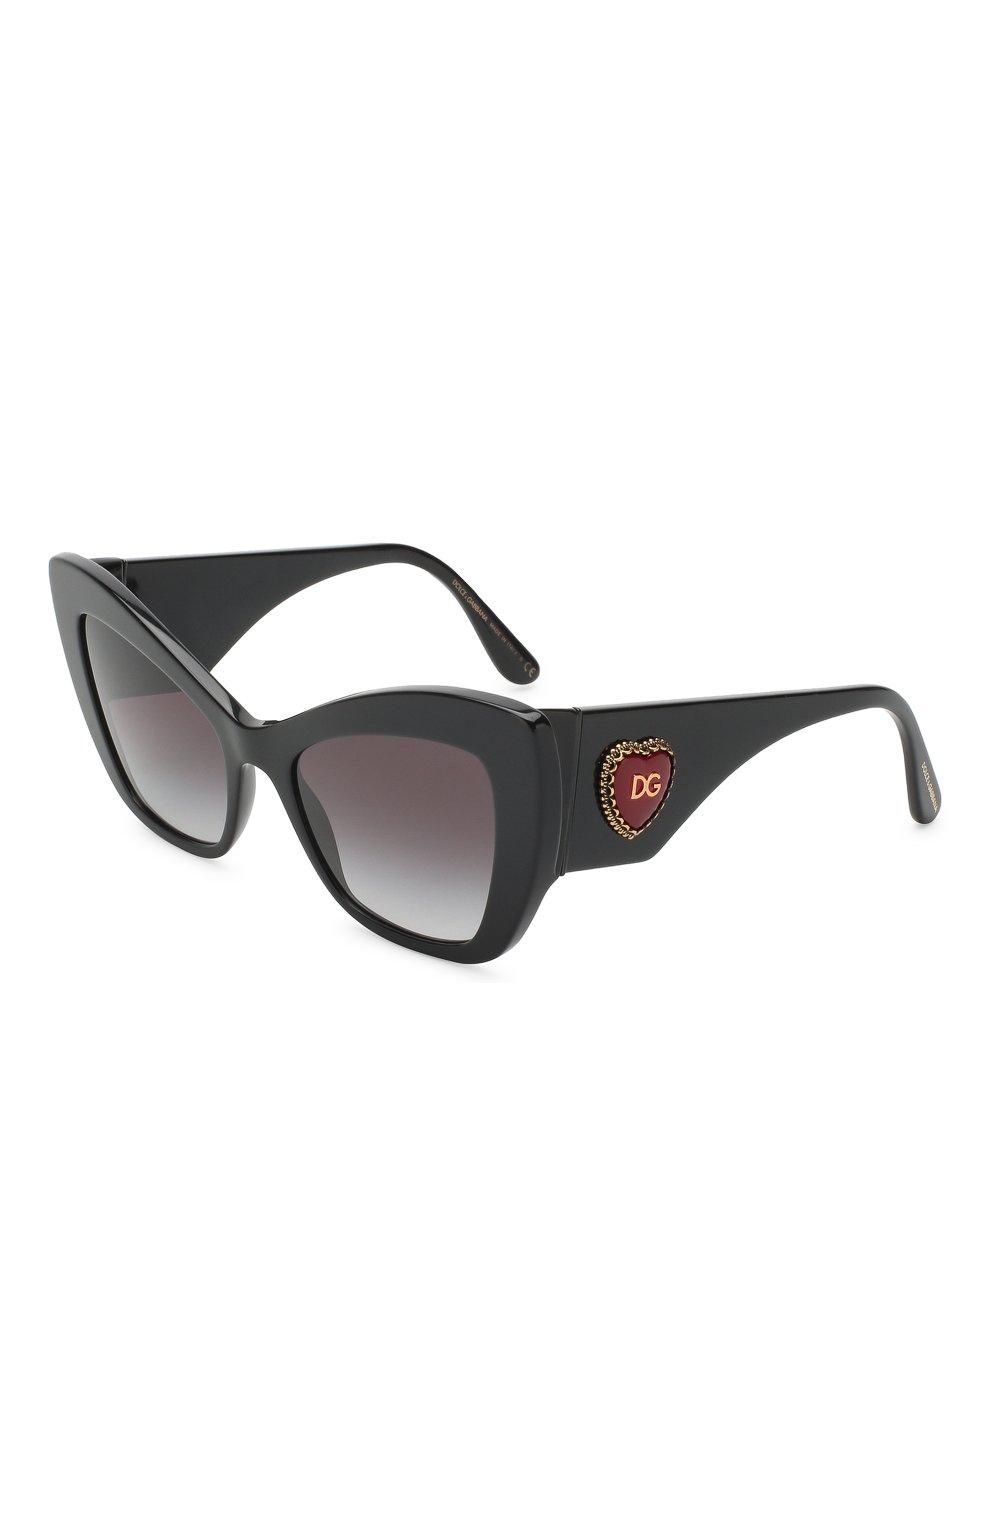 Женские солнцезащитные очки DOLCE & GABBANA черного цвета, арт. 4349-501/8G | Фото 1